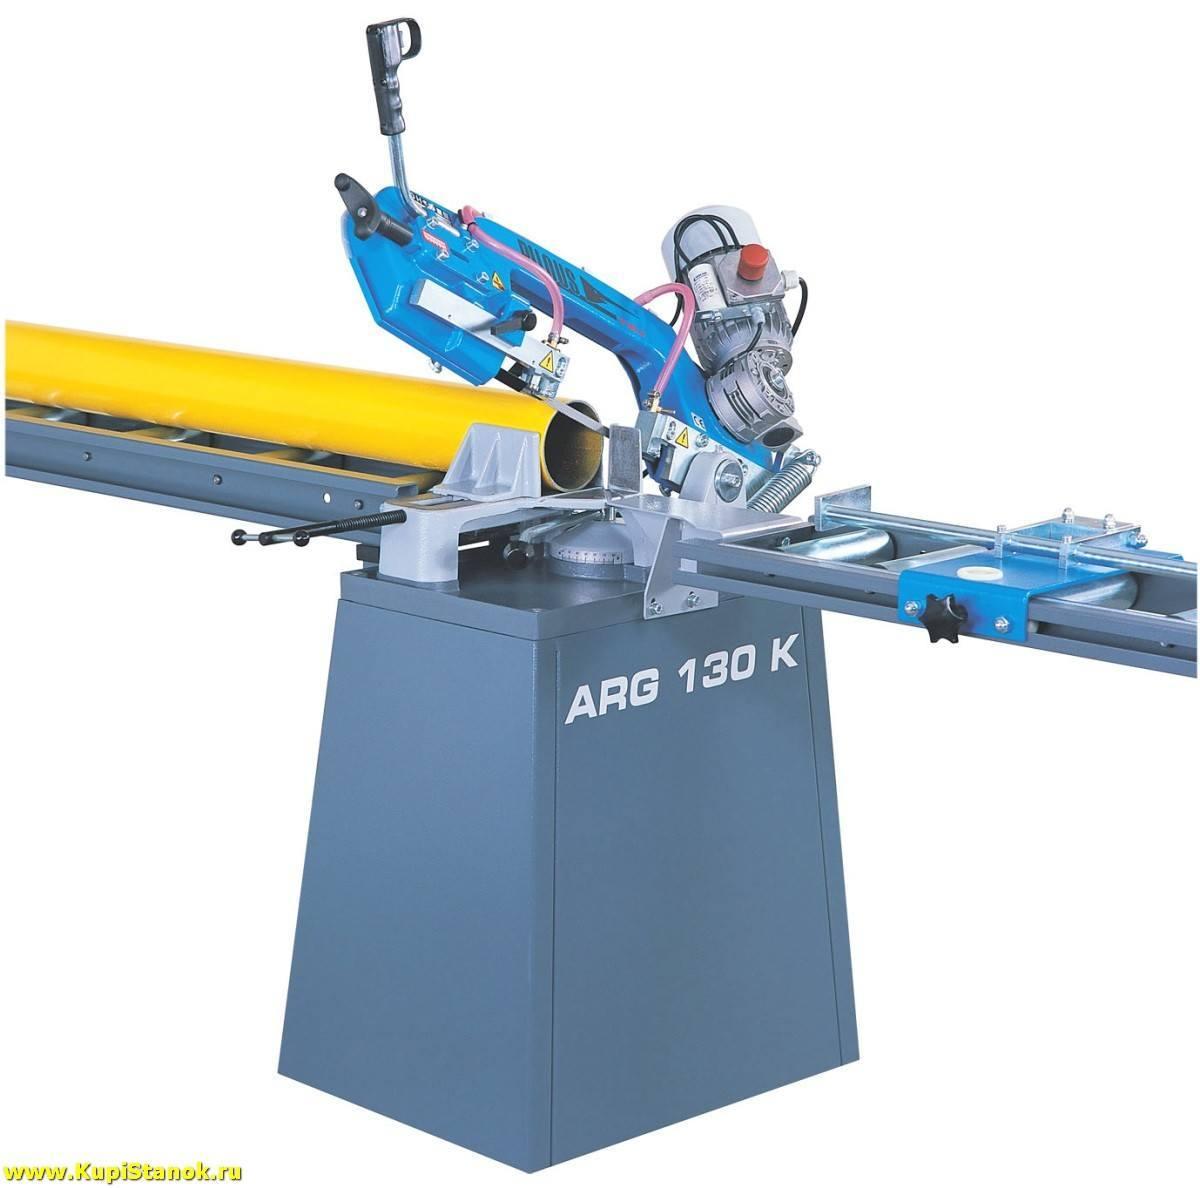 ARG 130 K 380V